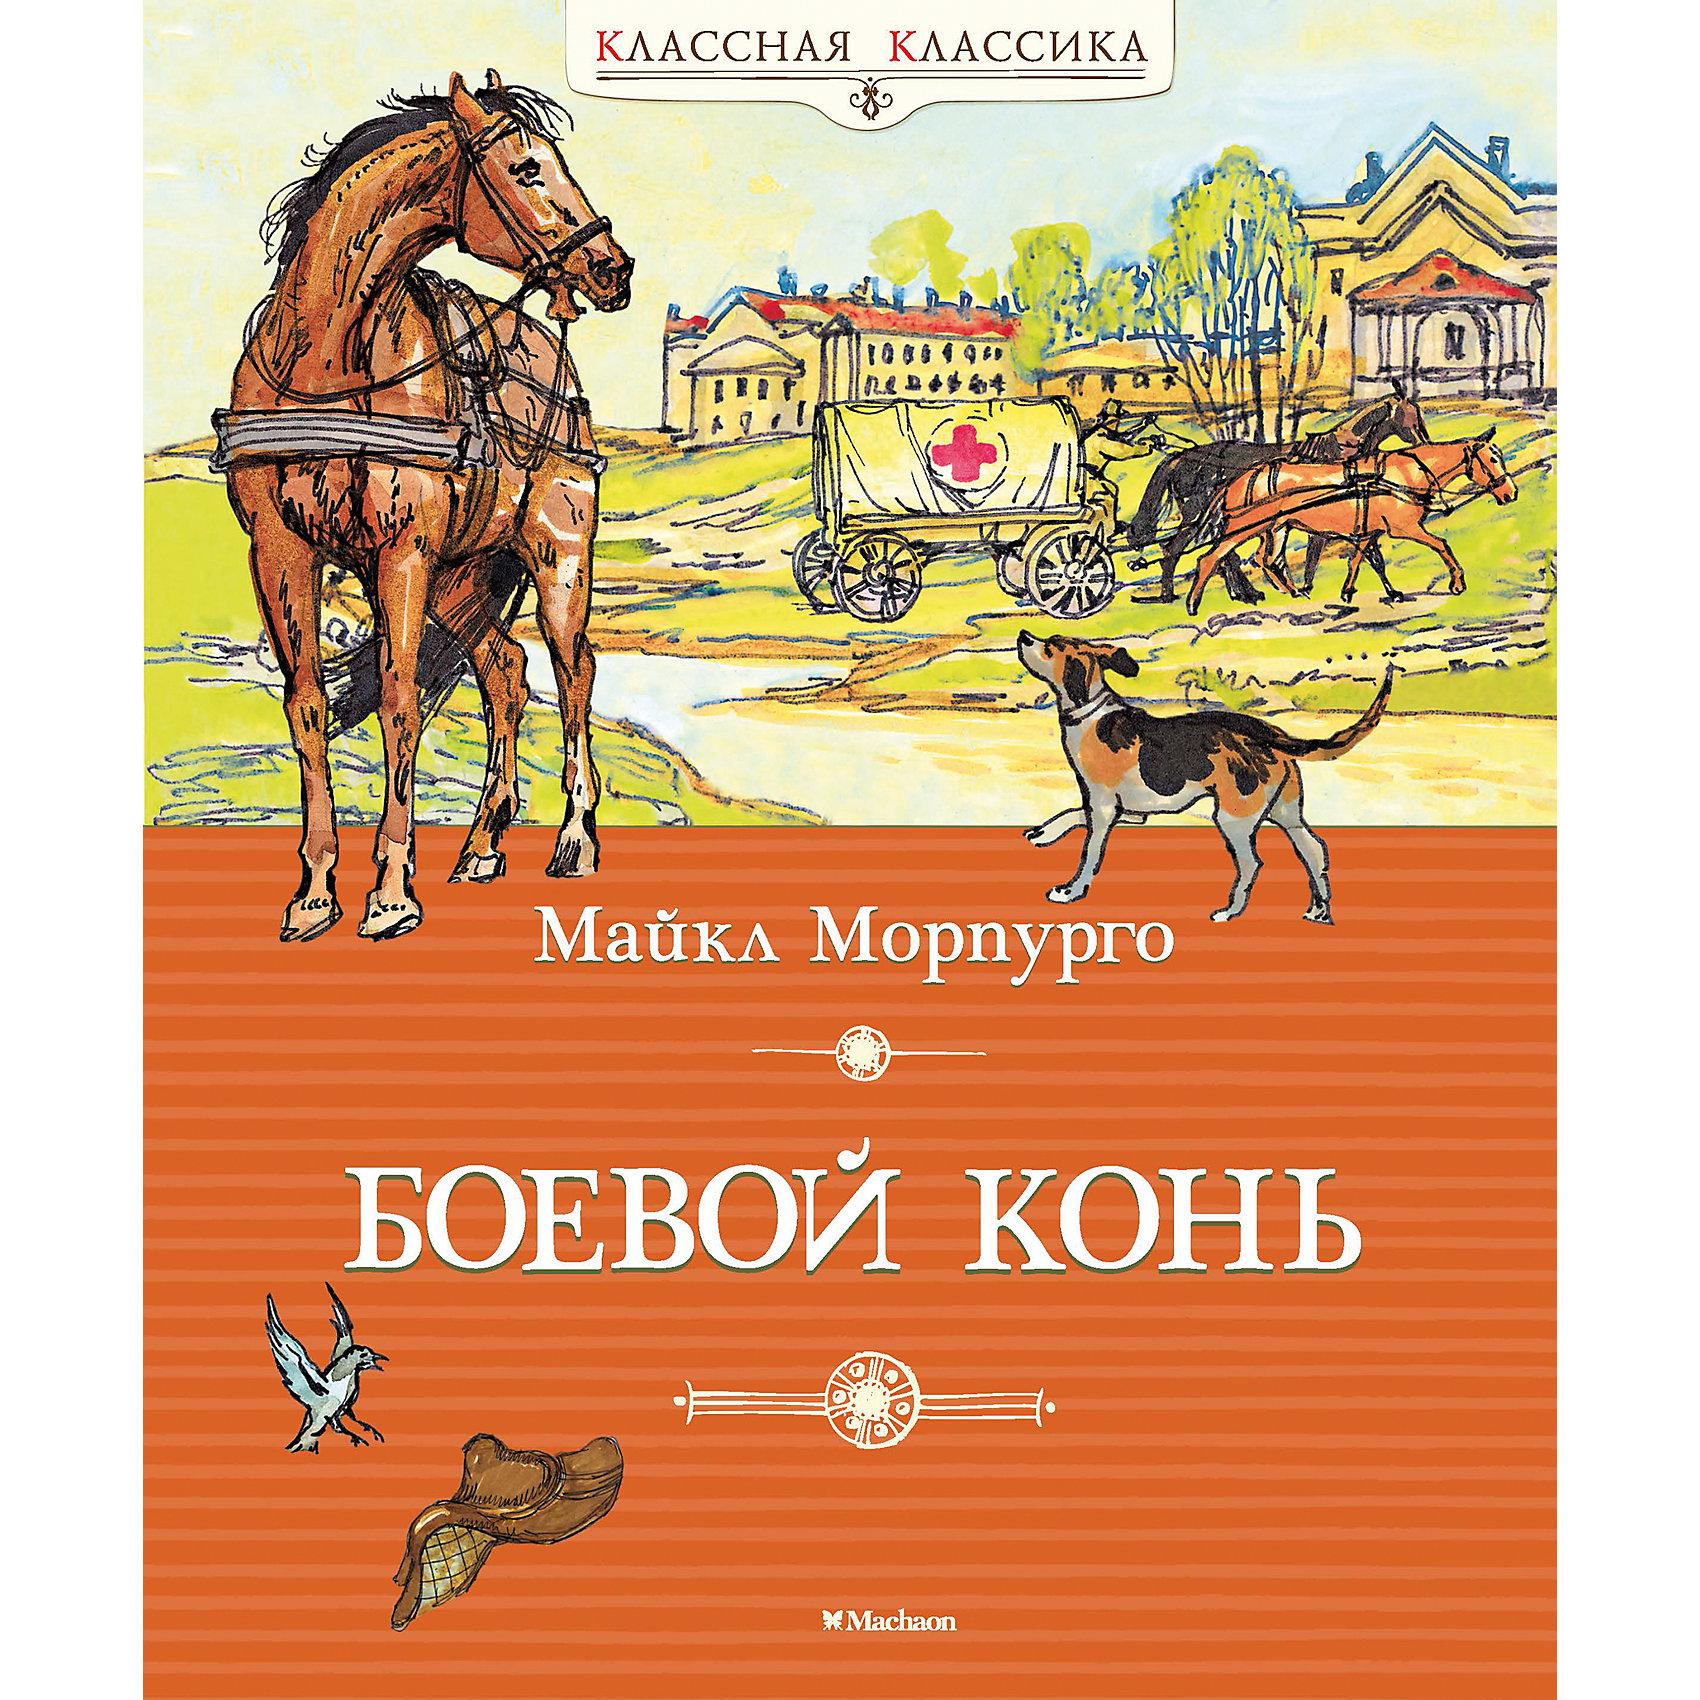 Махаон Боевой конь, Майкл Морпурго майкл гир серия сокровищница боевой фантастики и приключений комплект из 6 книг